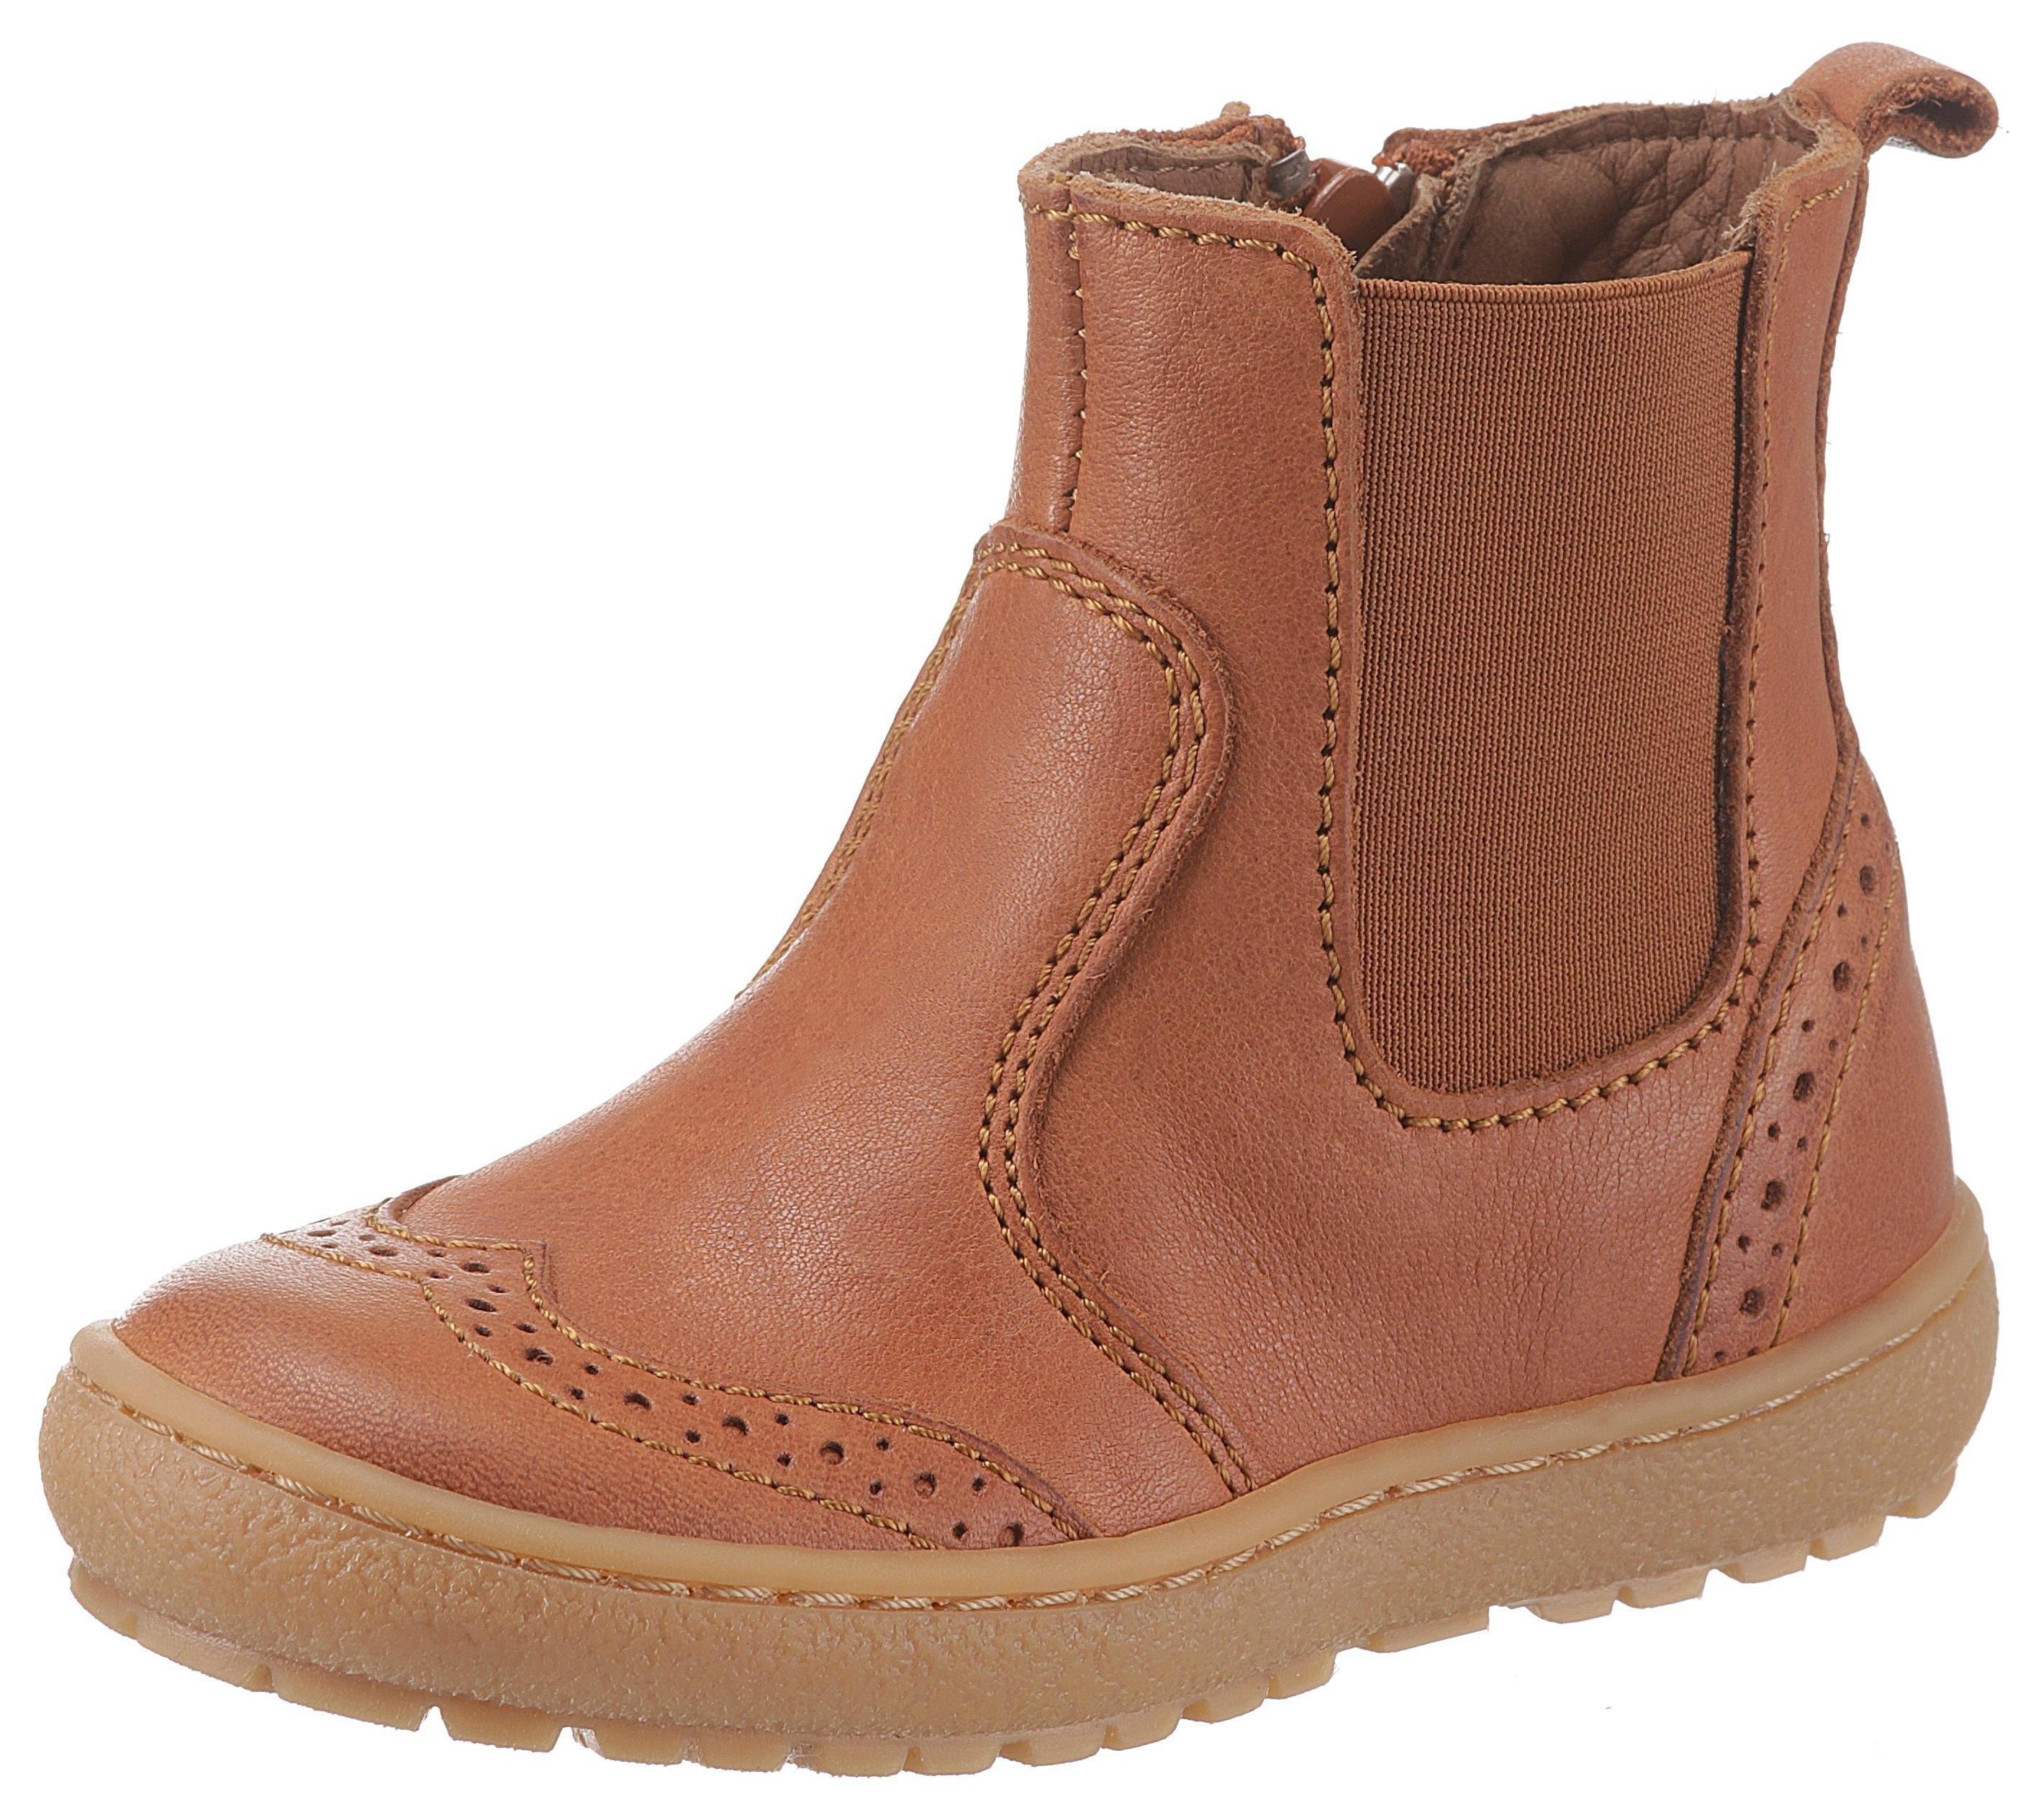 Bisgaard laarzen met ritssluiting nu online kopen bij OTTO